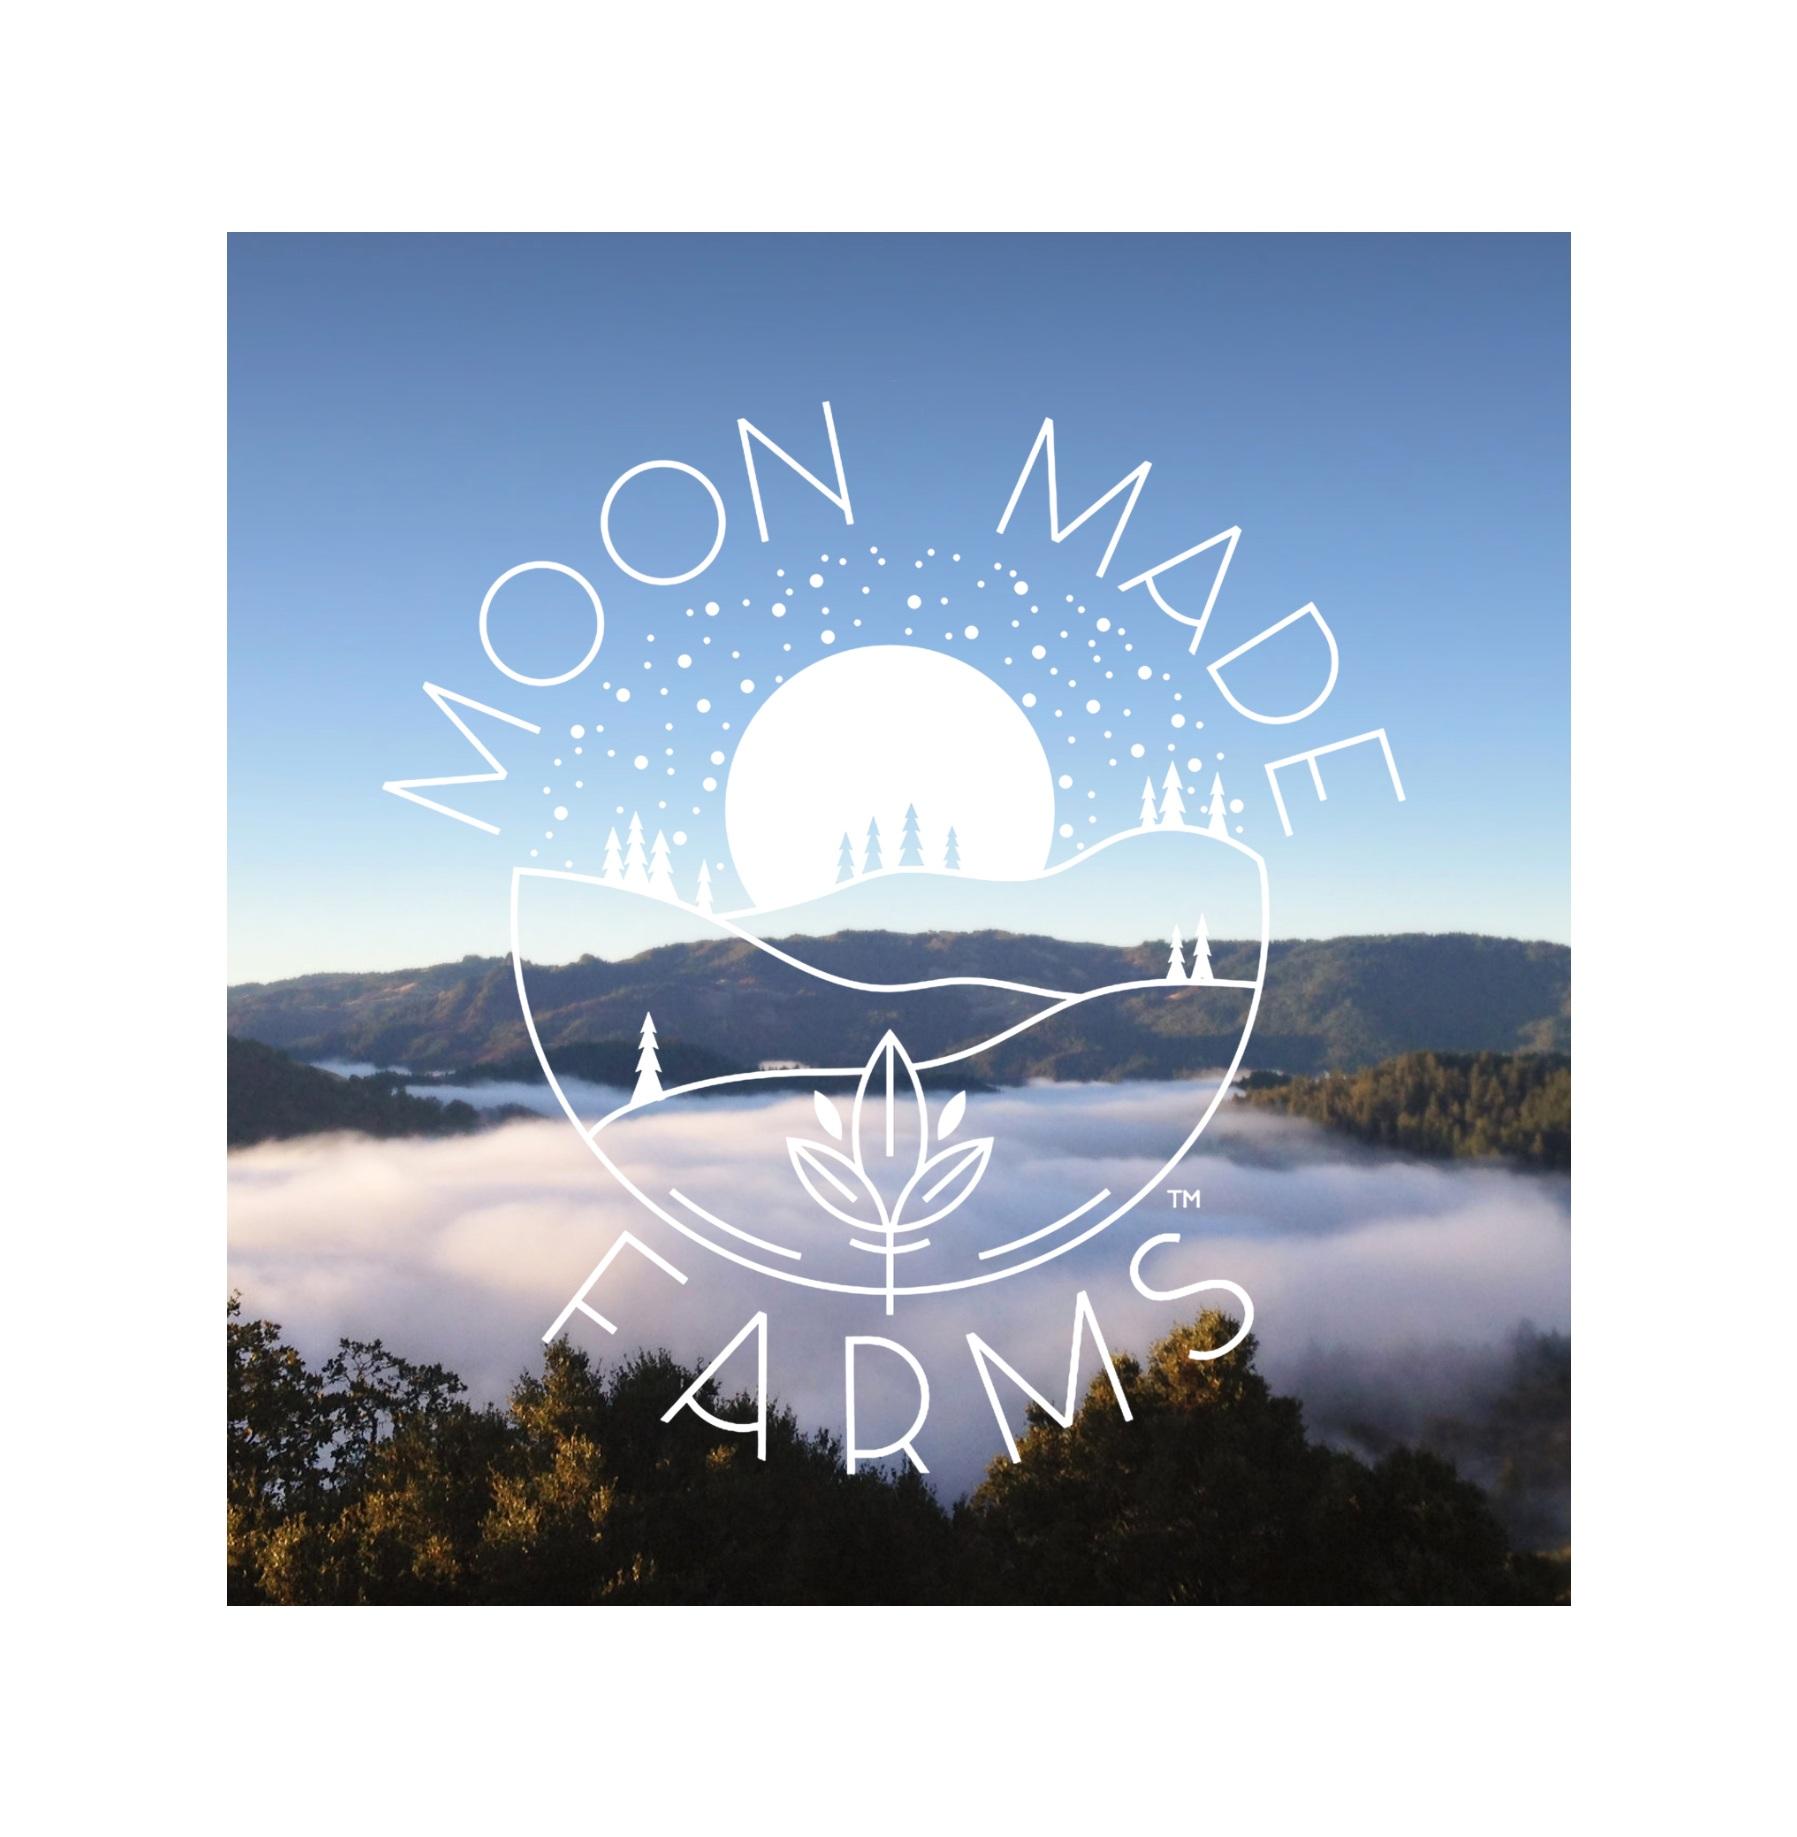 2017.moonmade.logo.landscape+copy.jpg